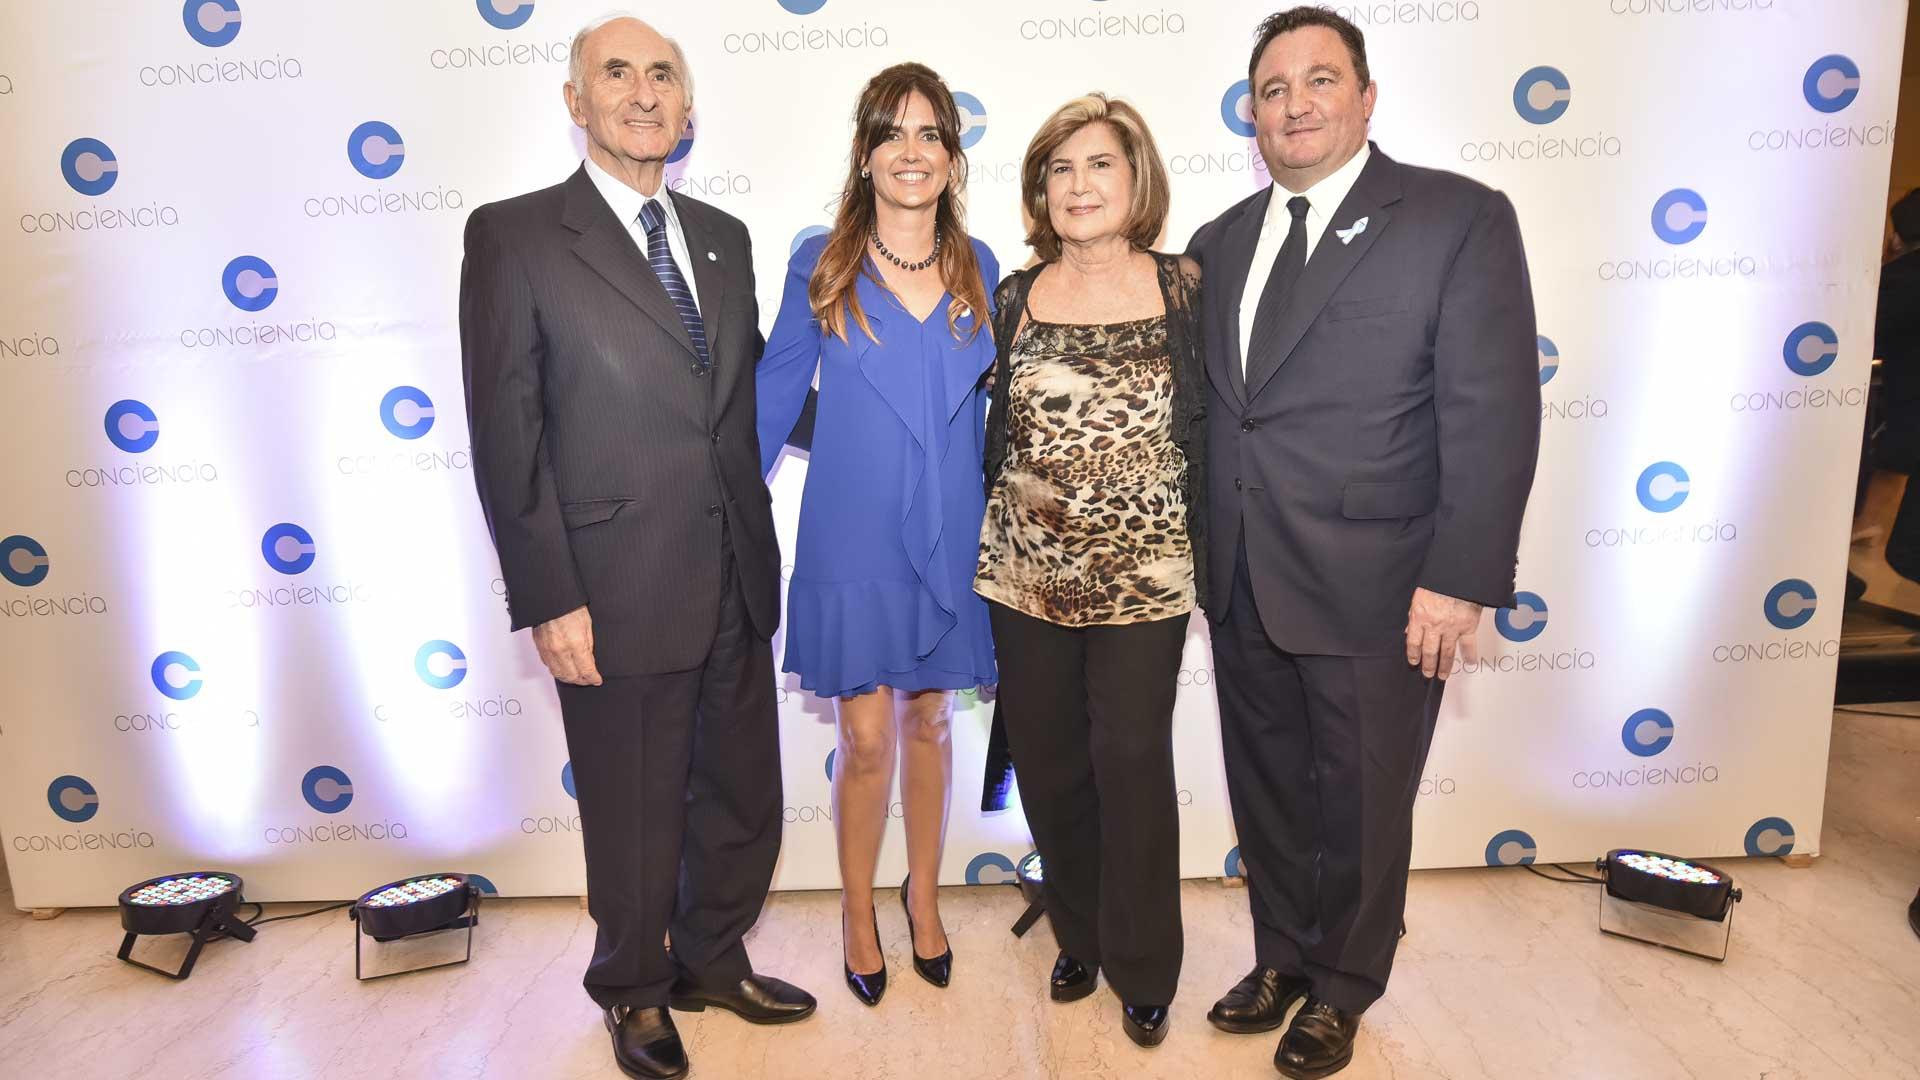 El ex presidente de la Nación, Fernando de la Rúa; Beby Lacroze, presidenta de la Asociación Conciencia; Inés Pertiné y Alejandro Macfarlane